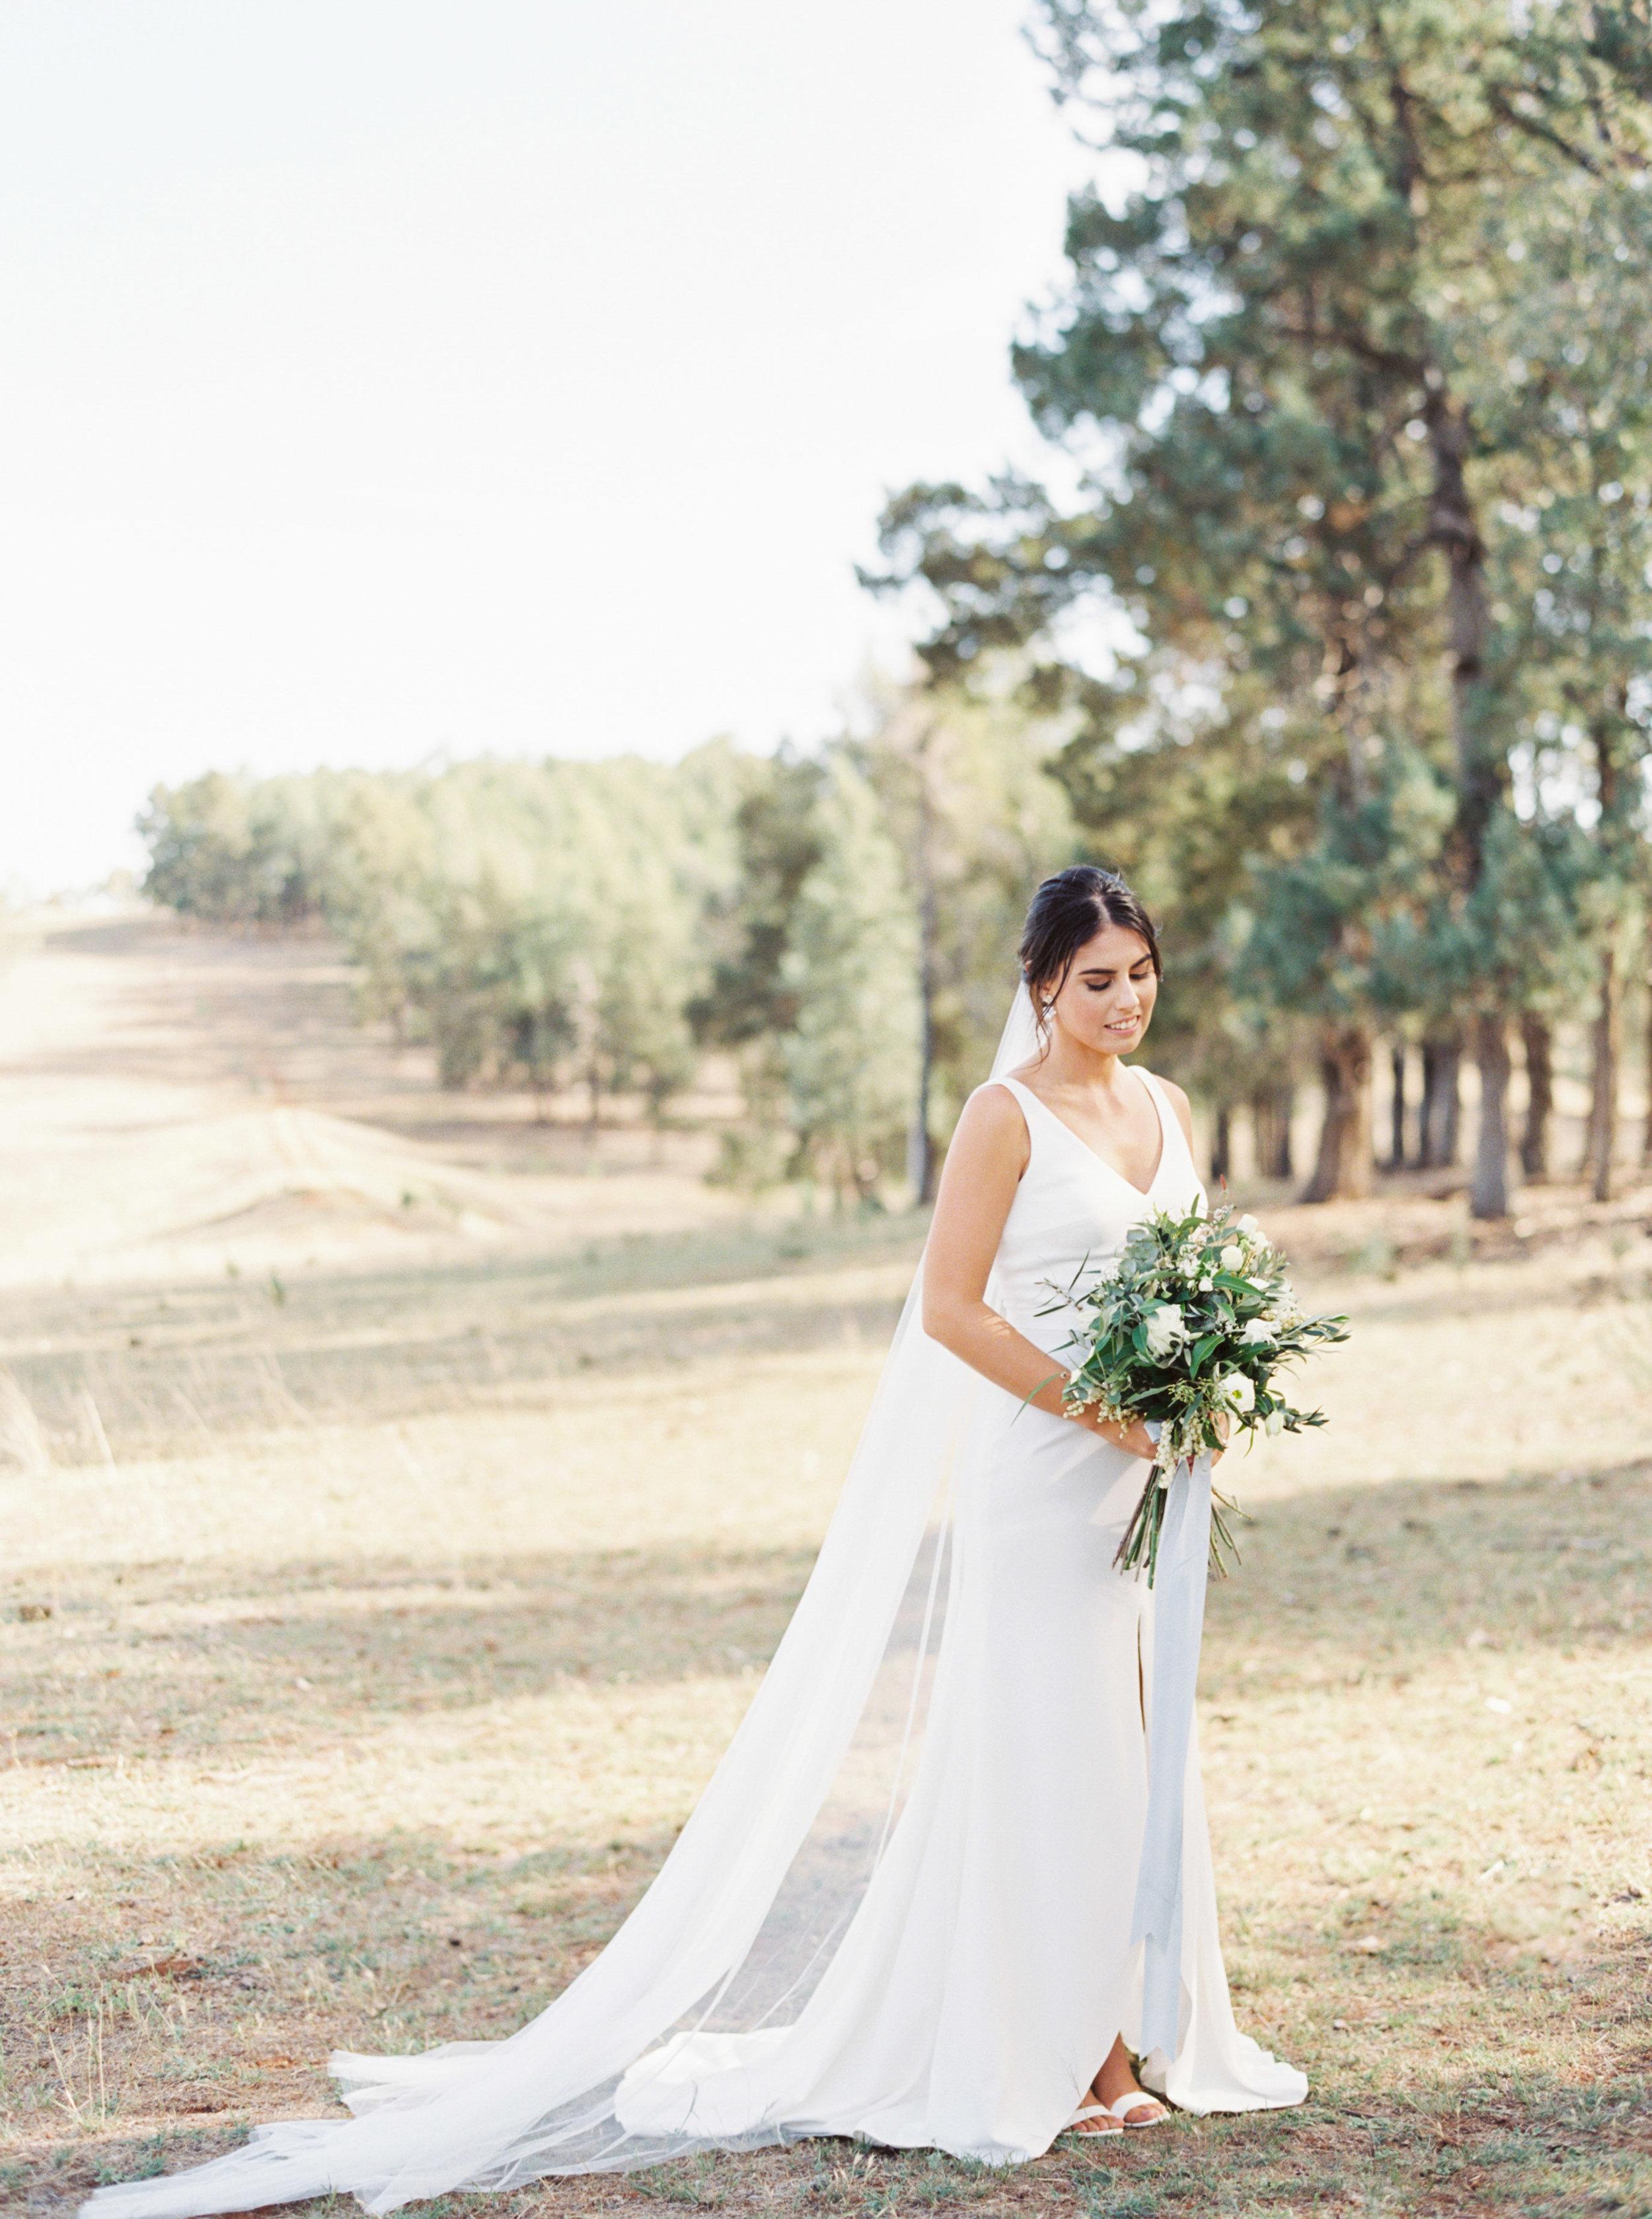 00045- Olive Tree Mediterranean Wedding in Mudgee NSW Australia Fine Art Film Wedding Lifestyle Photographer Sheri McMahon_.jpg